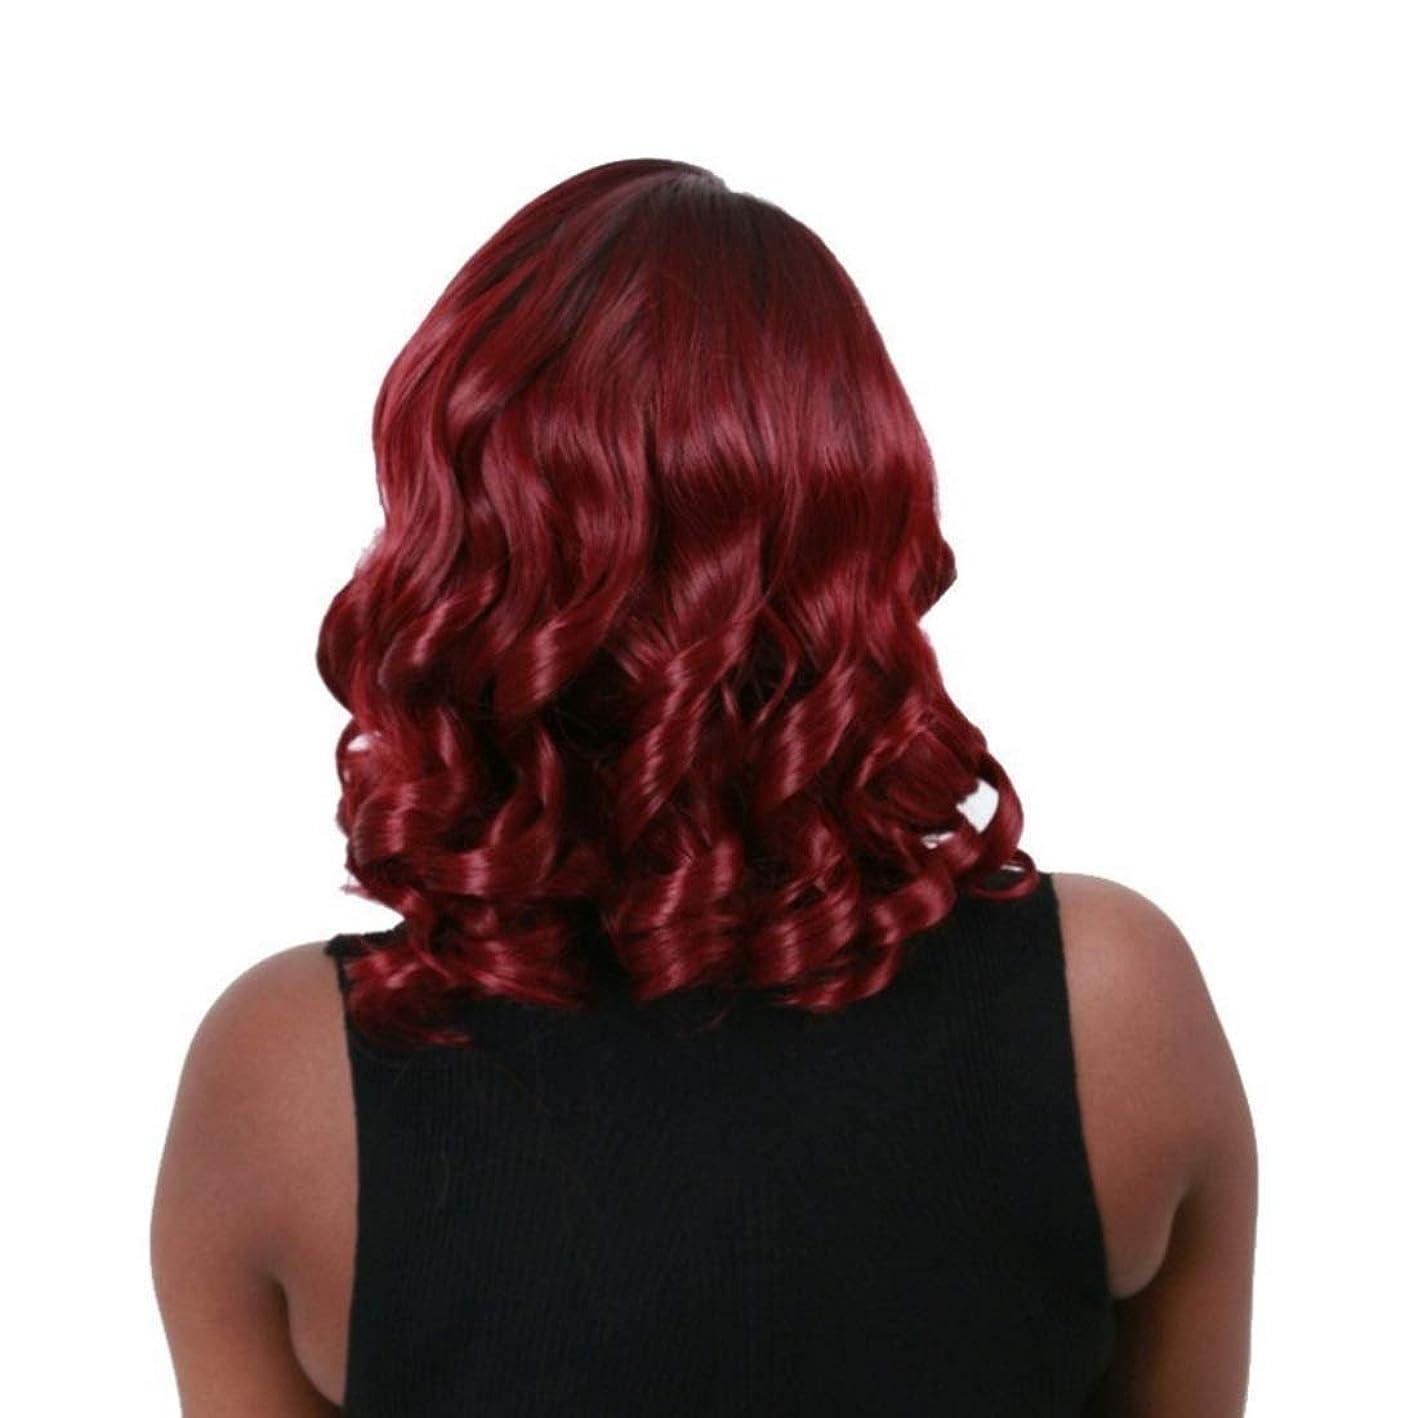 奇跡ピッチャー抵抗力があるKoloeplf かつら女性のための傾斜前髪ショートカーリーヘアーワインレッド高温シルクウィッグ